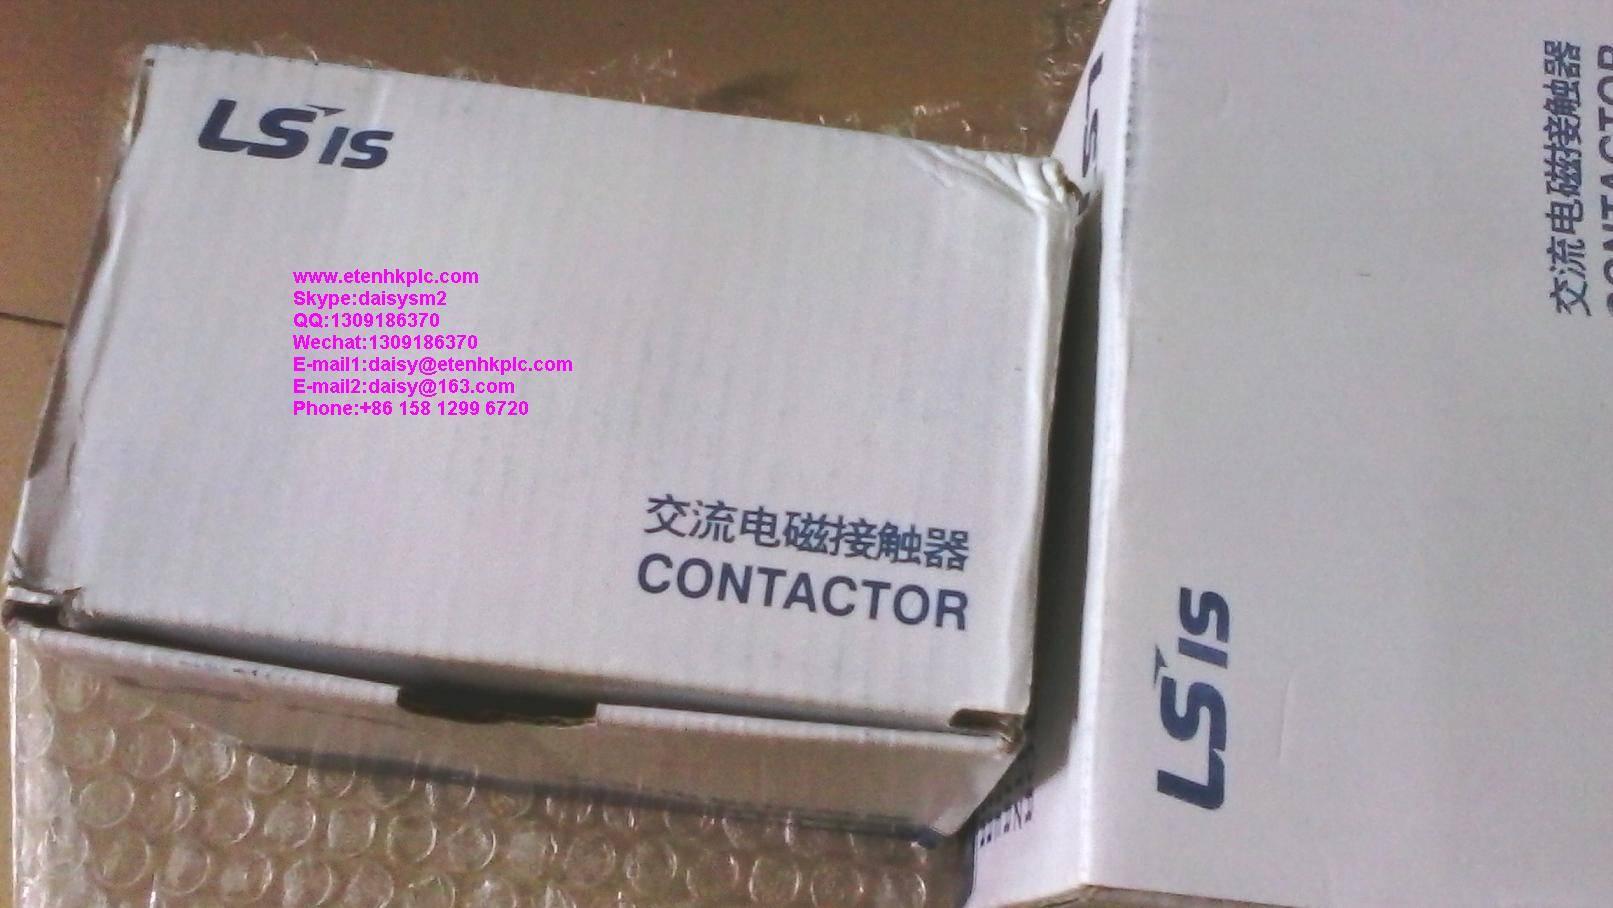 LS LG AC Contactor GMC-85,GMC-32,GMC-50,GMC-40